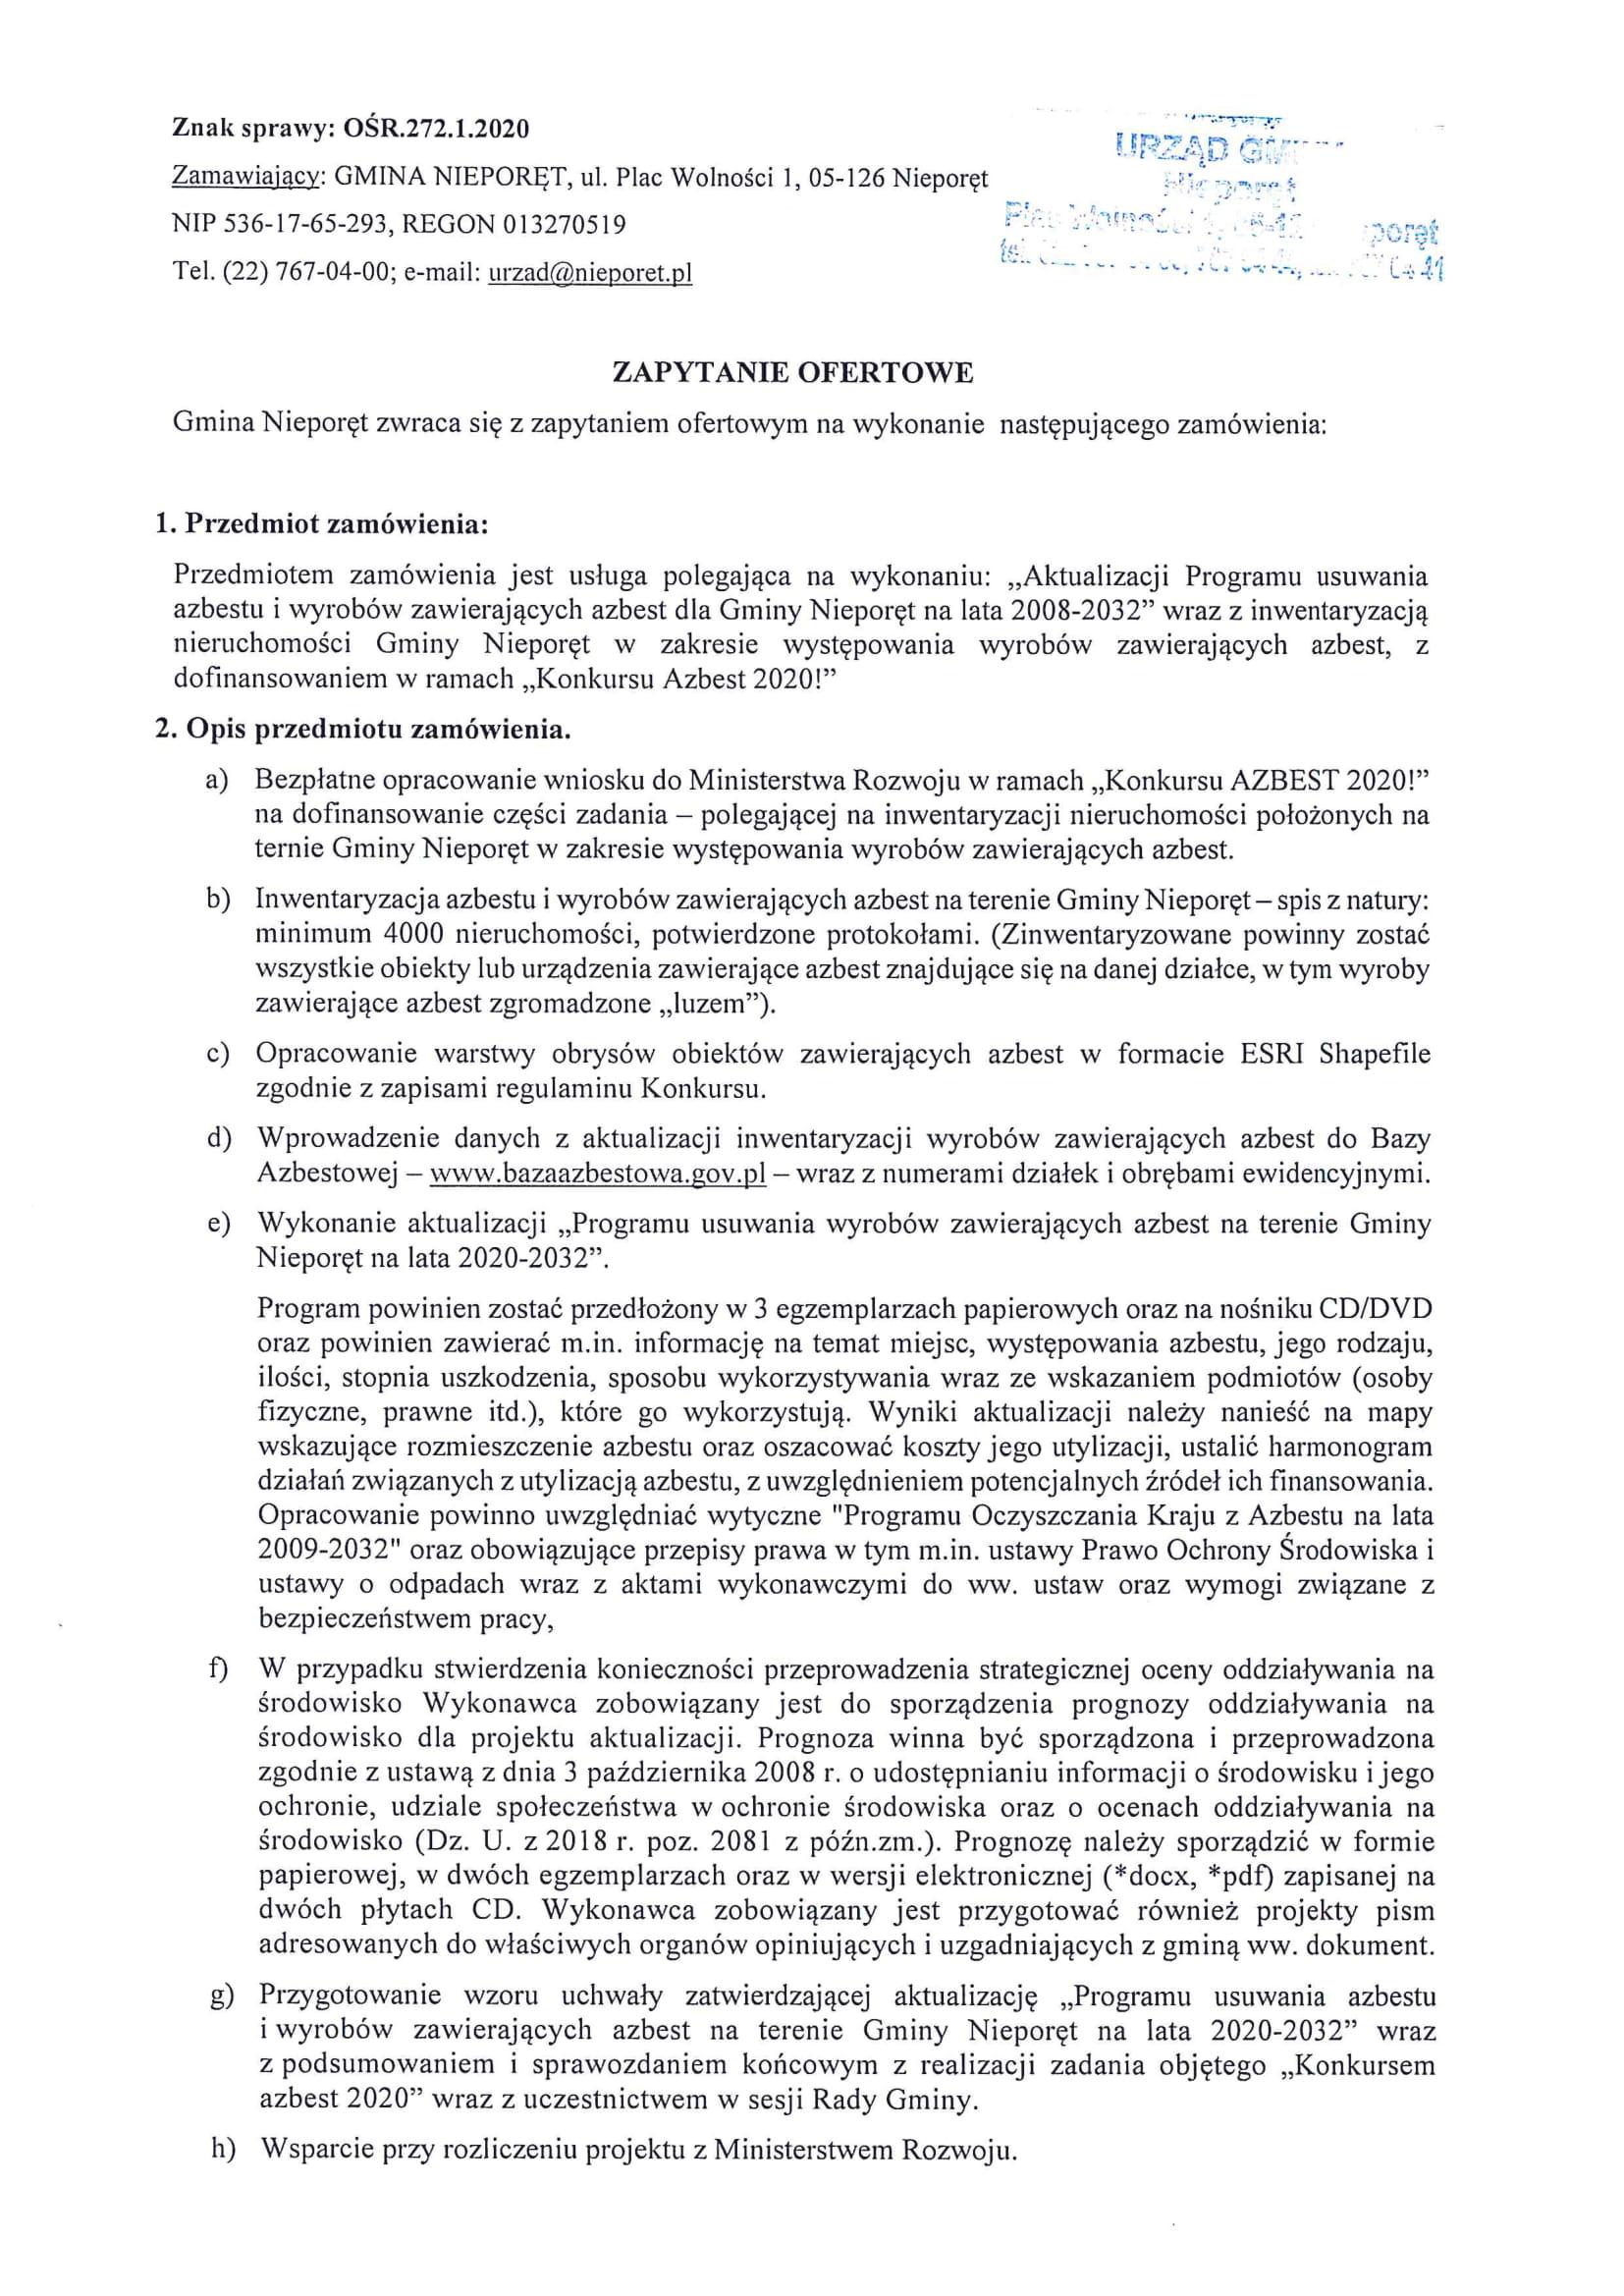 AZBEST ZAPYTANIE OFERTOWE 24 LUTY-1